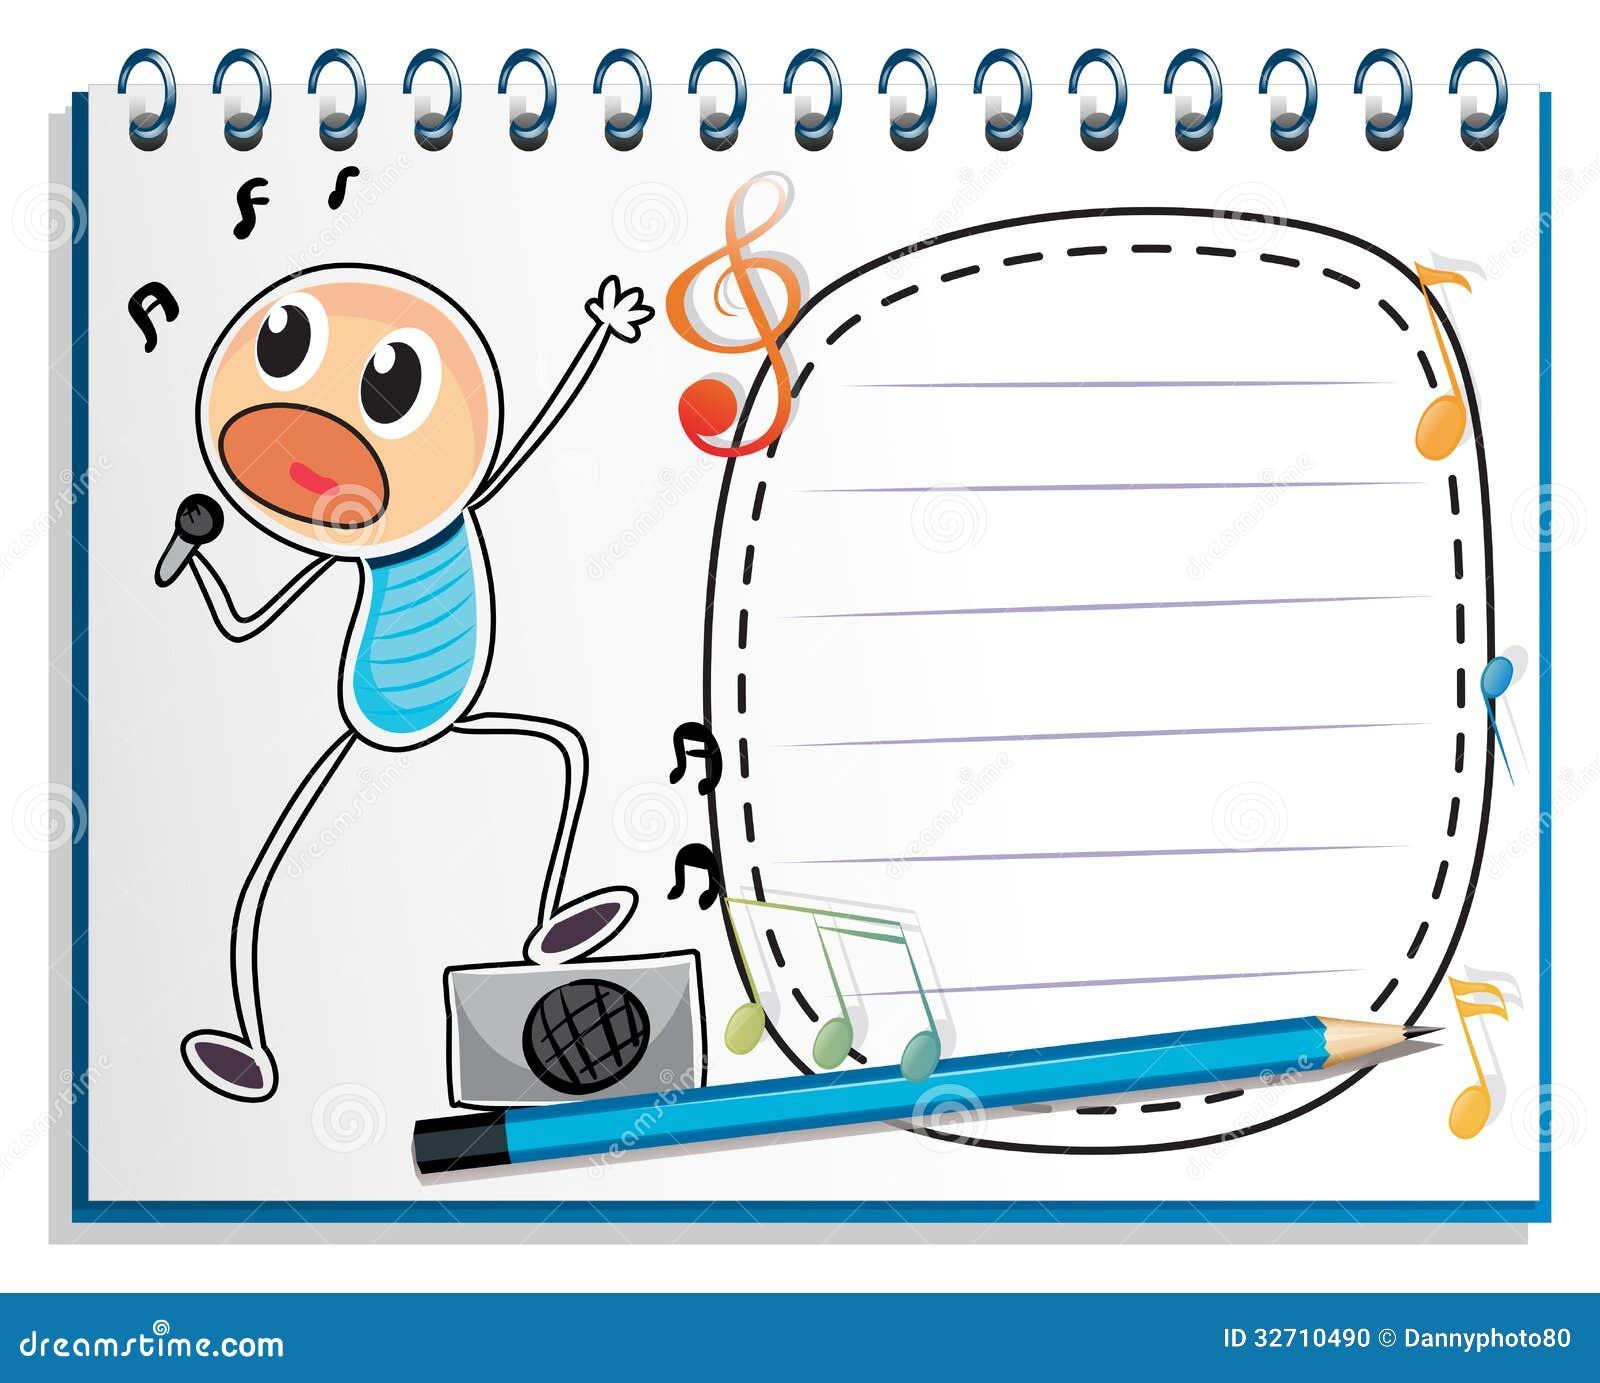 un carnet avec un dessin d 39 un chant de gar on photo stock image 32710490. Black Bedroom Furniture Sets. Home Design Ideas